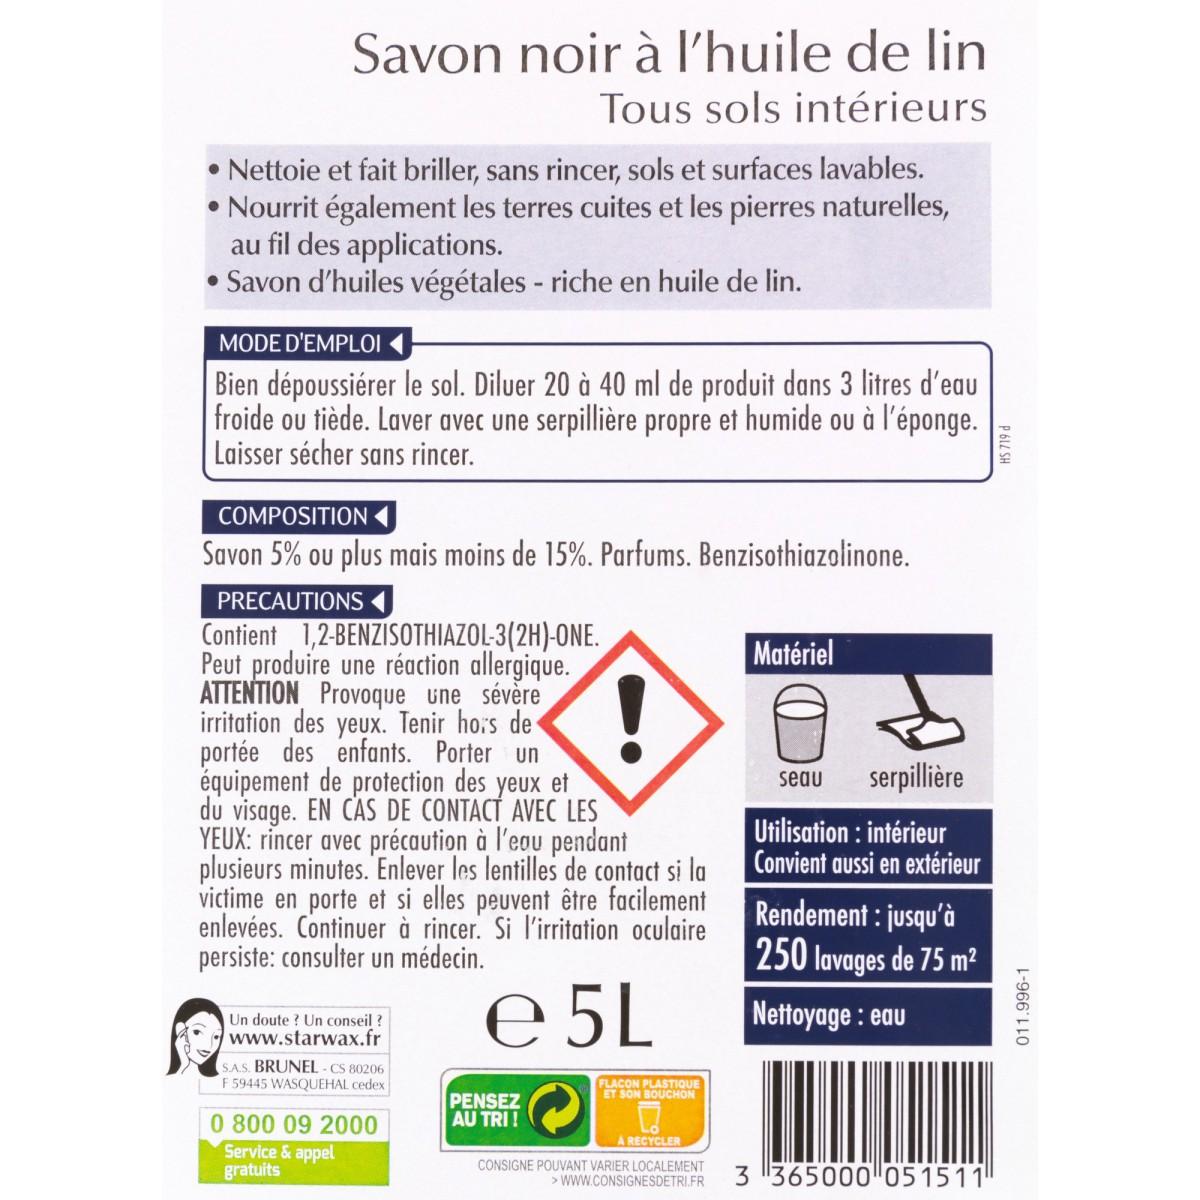 Savon noir Starwax - Bidon 5 l